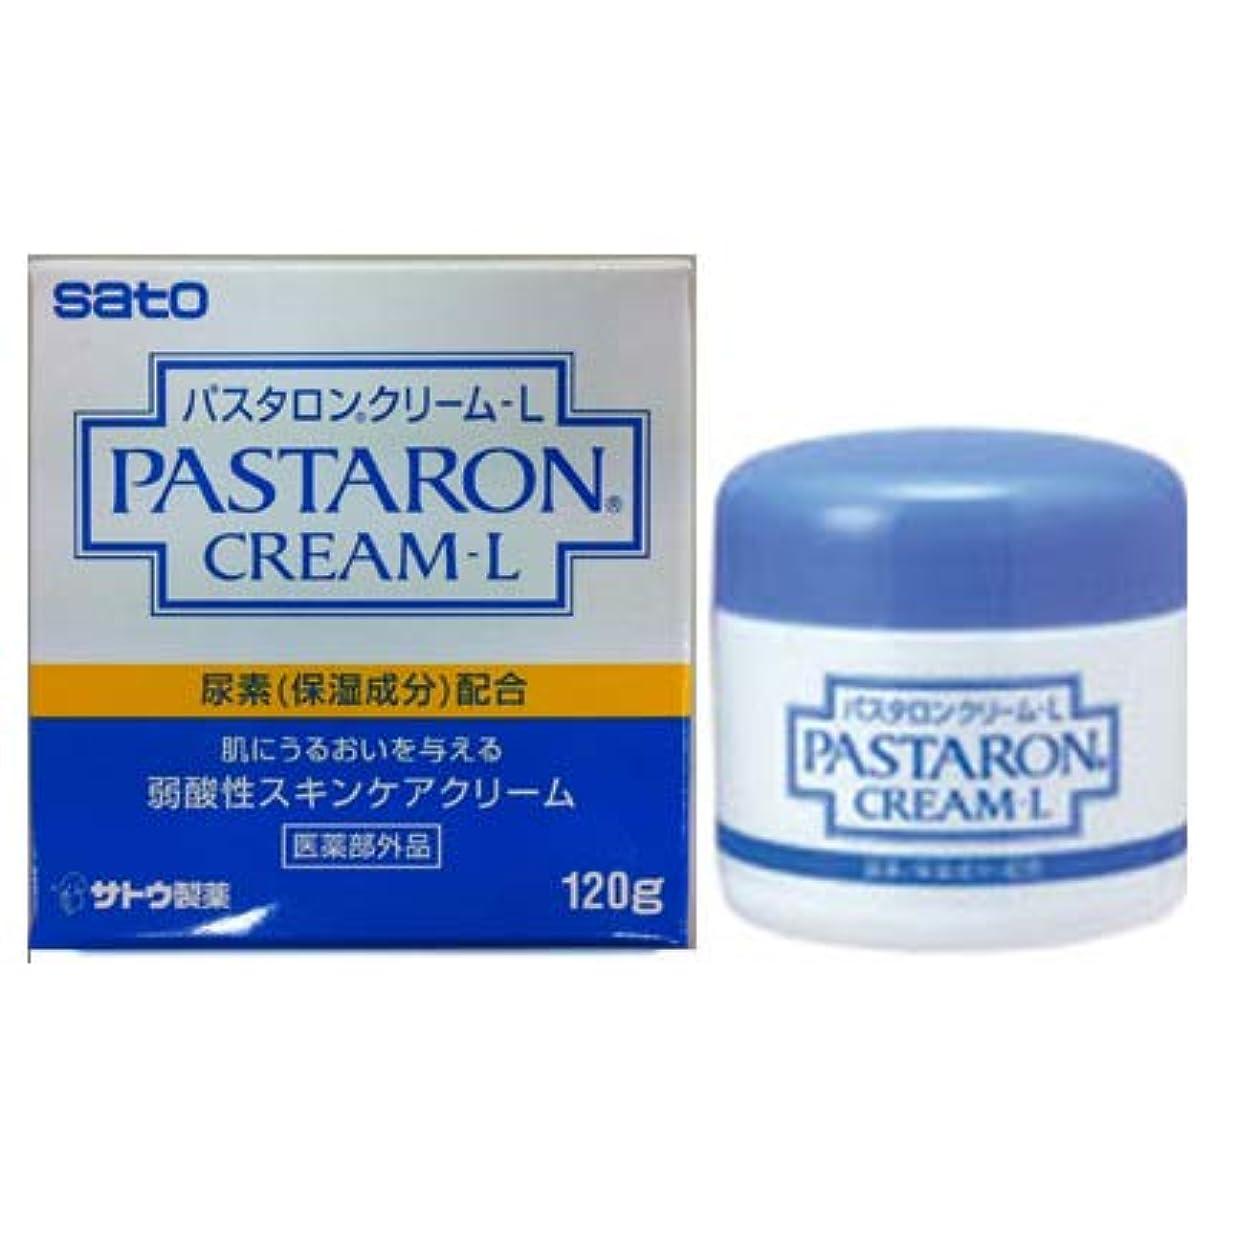 従順怠飲食店パスタロンクリームL 120g×4個セット【医薬部外品】